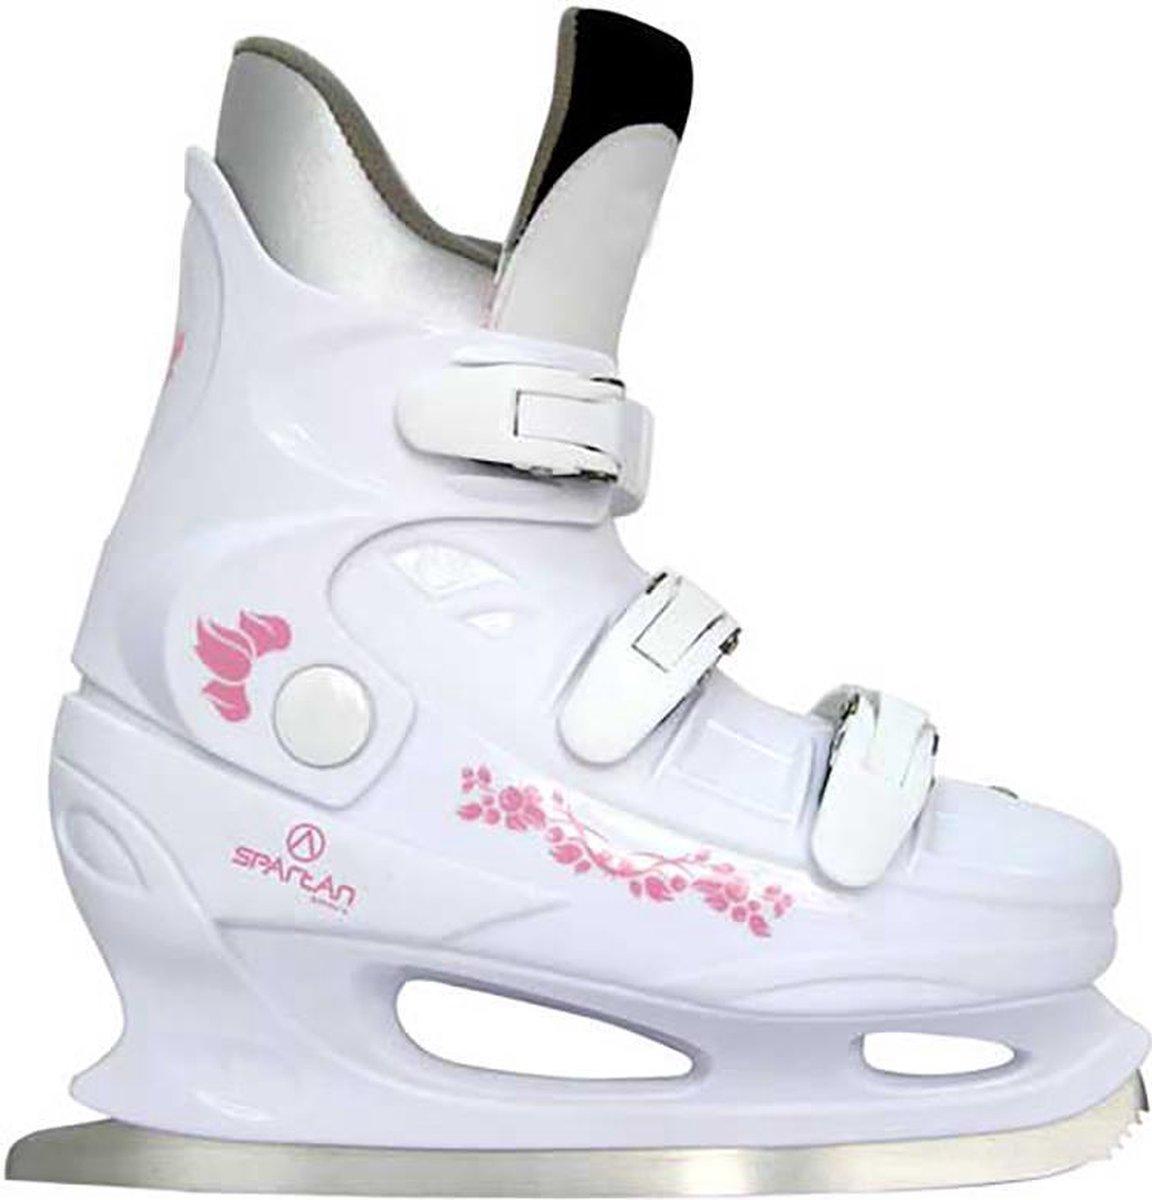 Dames schaatsen | schaatsen volwassenen | kunstschaatsen - maat 39